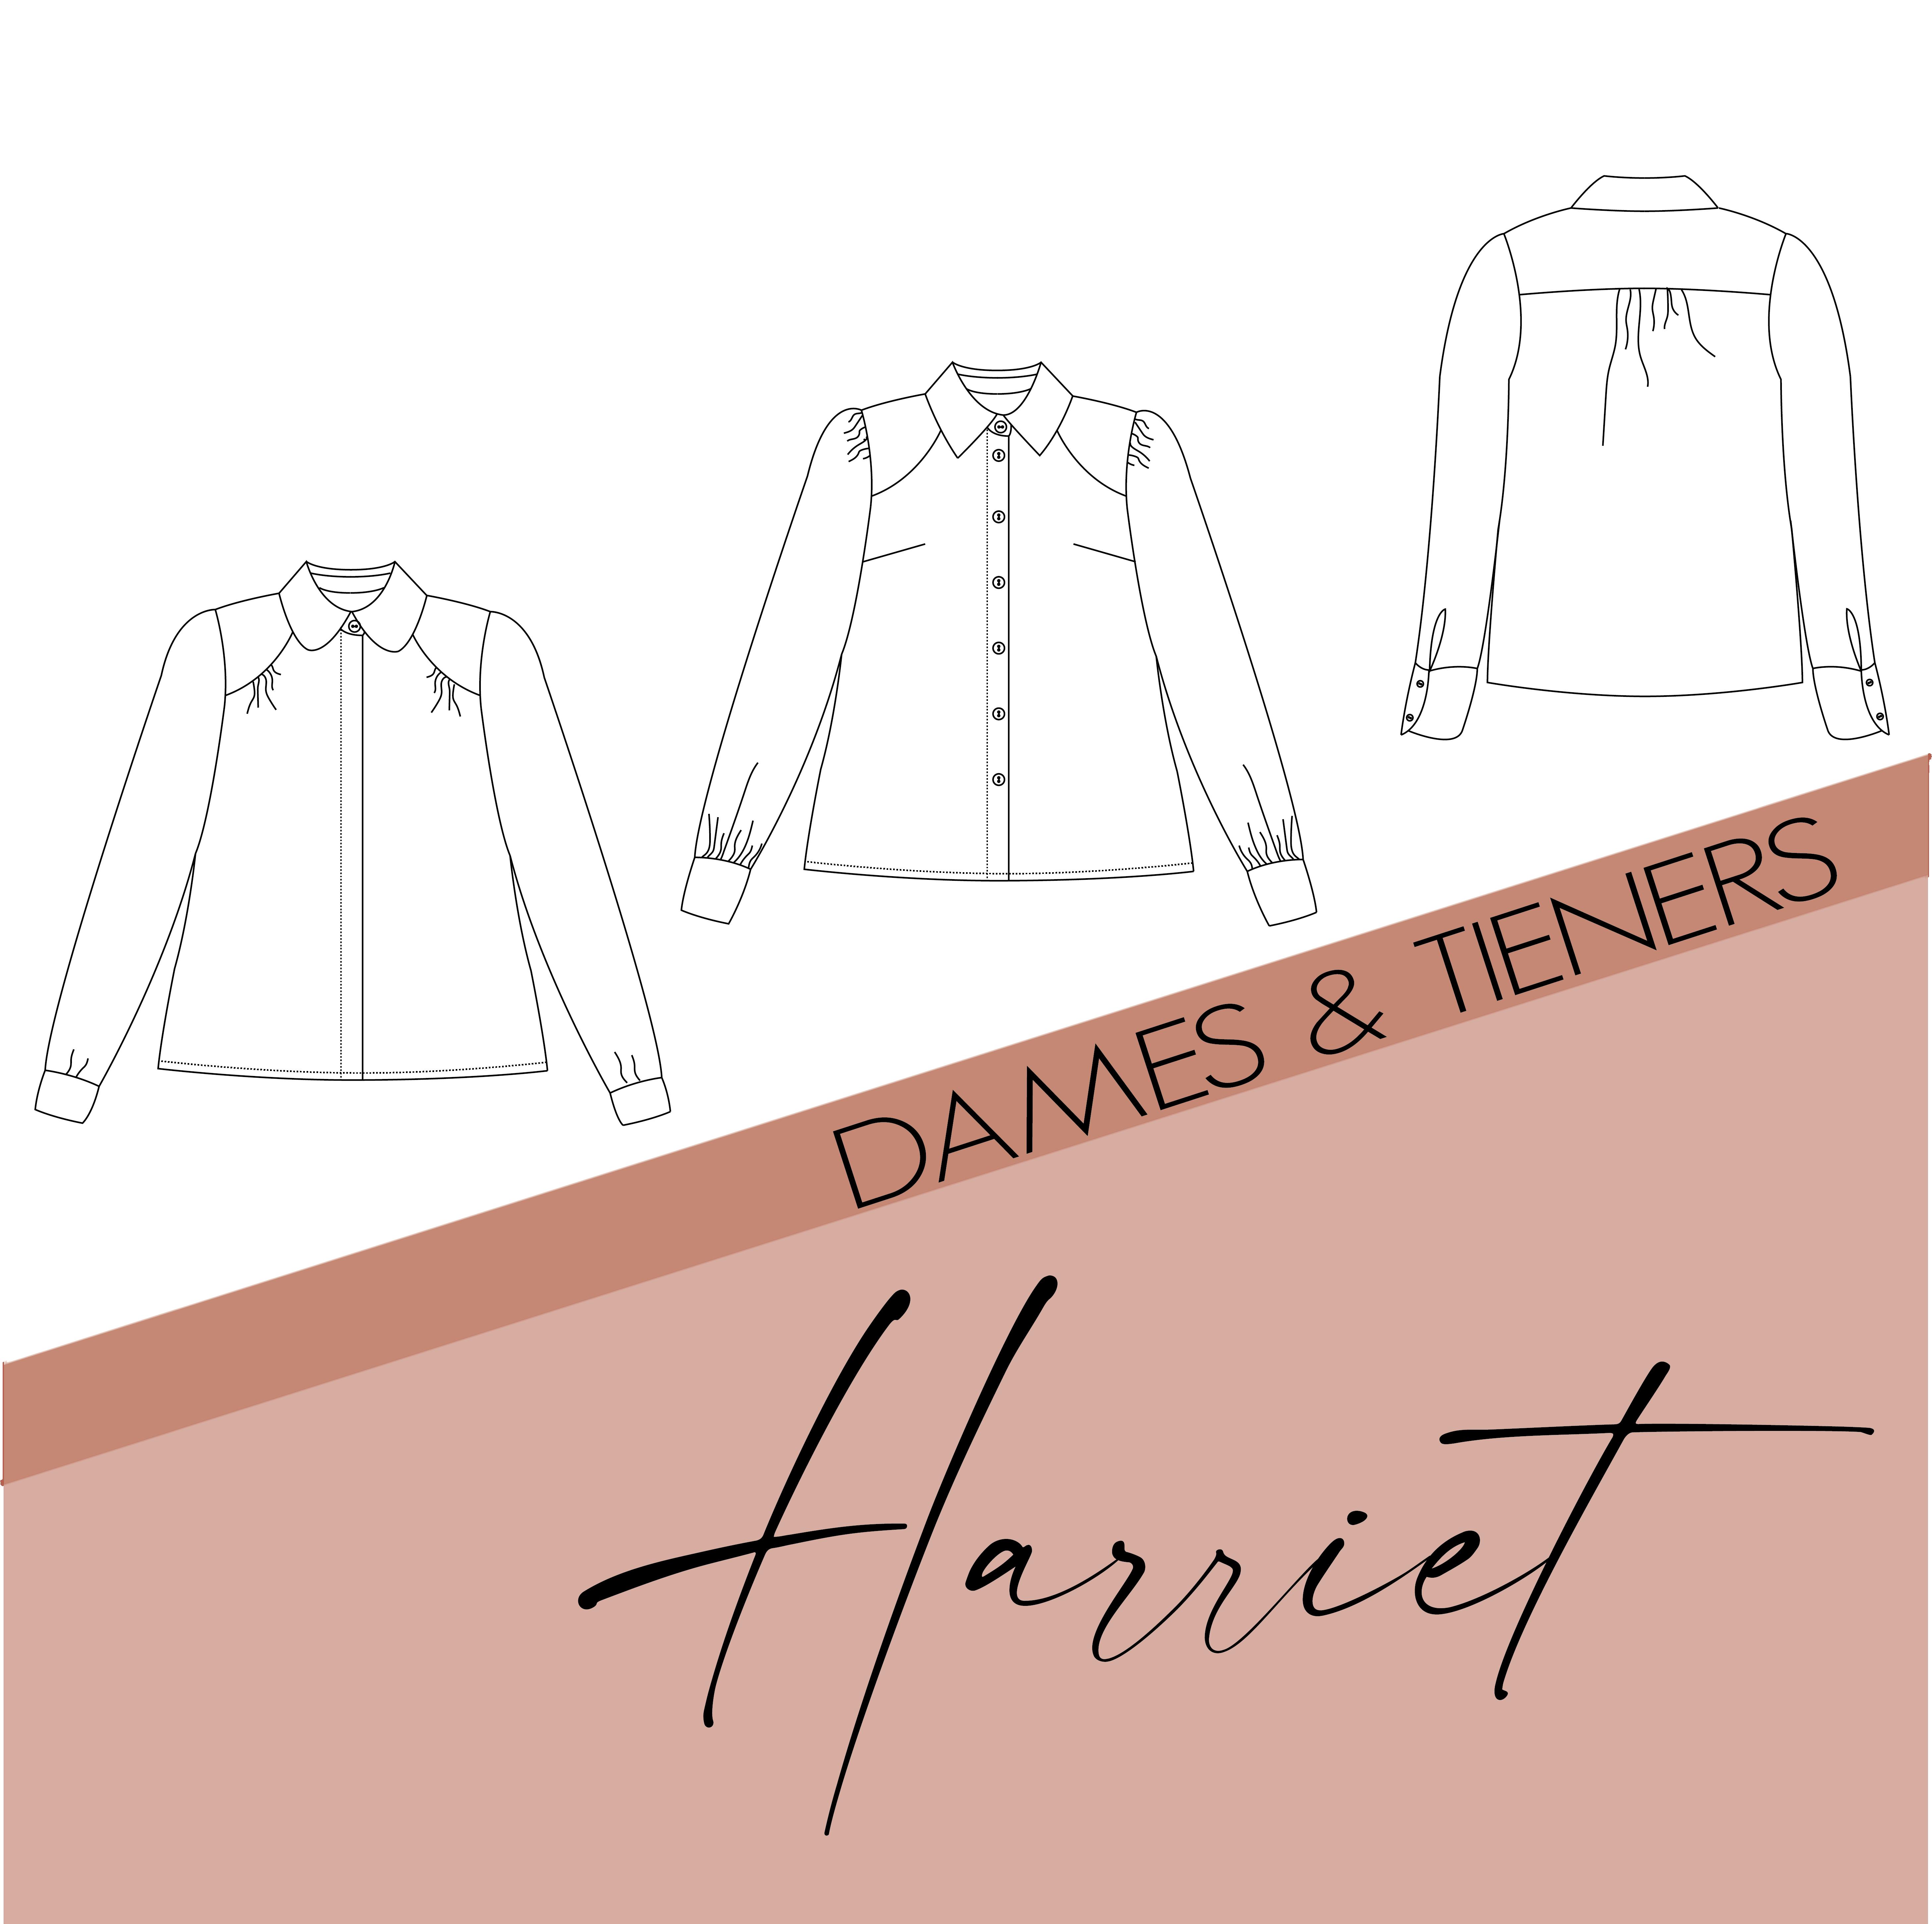 Harriet - dames en tieners